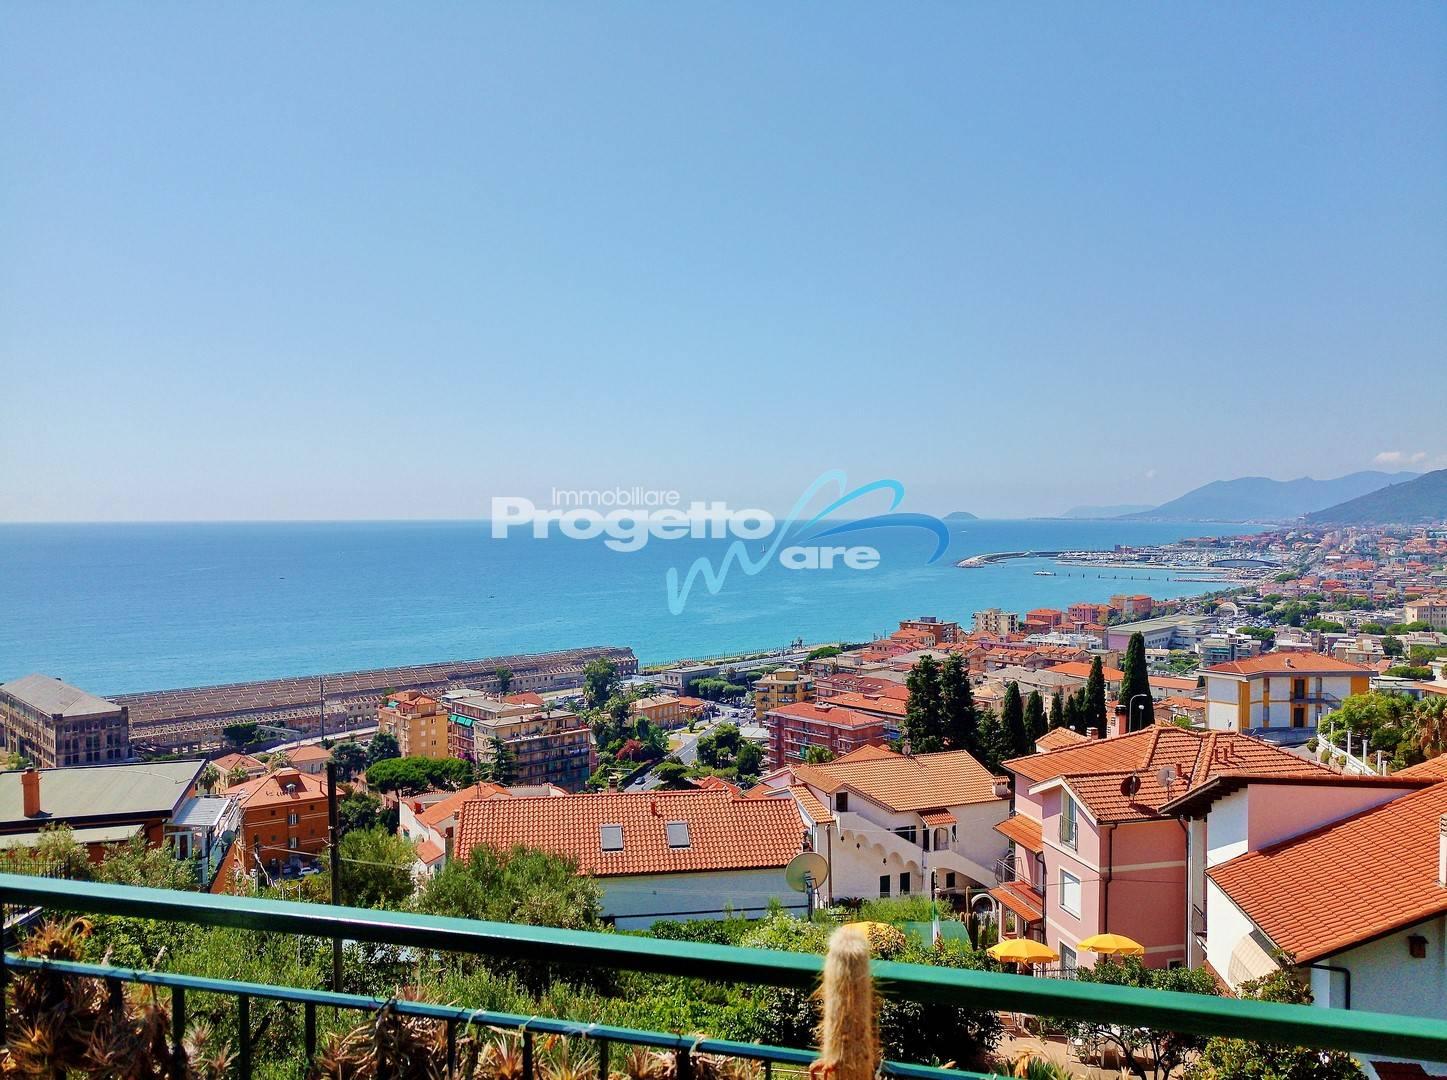 Appartamento in vendita a Pietra Ligure, 4 locali, zona Località: Trabocchetto, prezzo € 265.000 | PortaleAgenzieImmobiliari.it